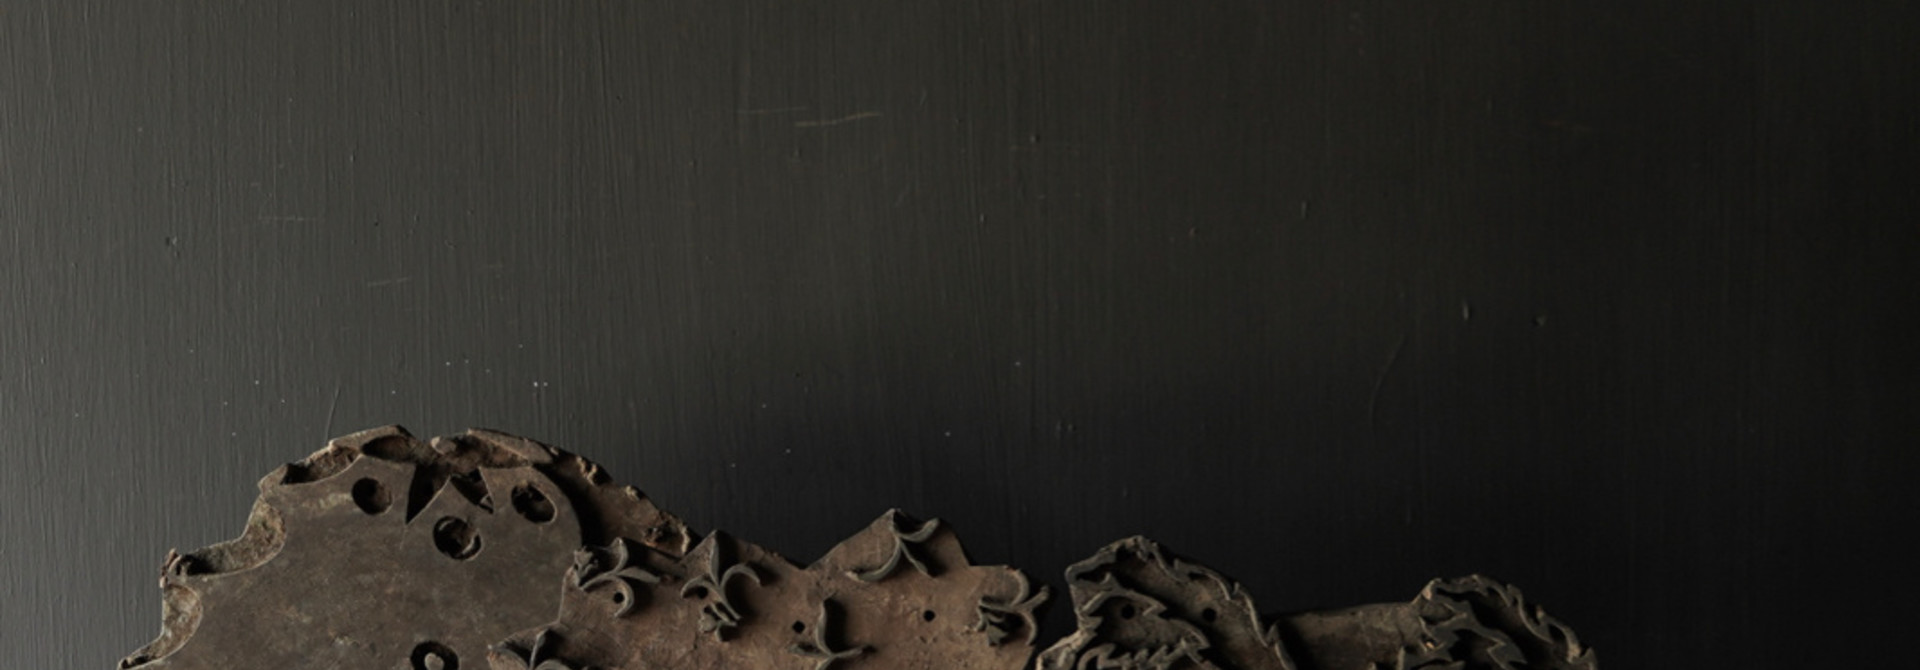 Houten batik stempel op ijzeren voetje  XL